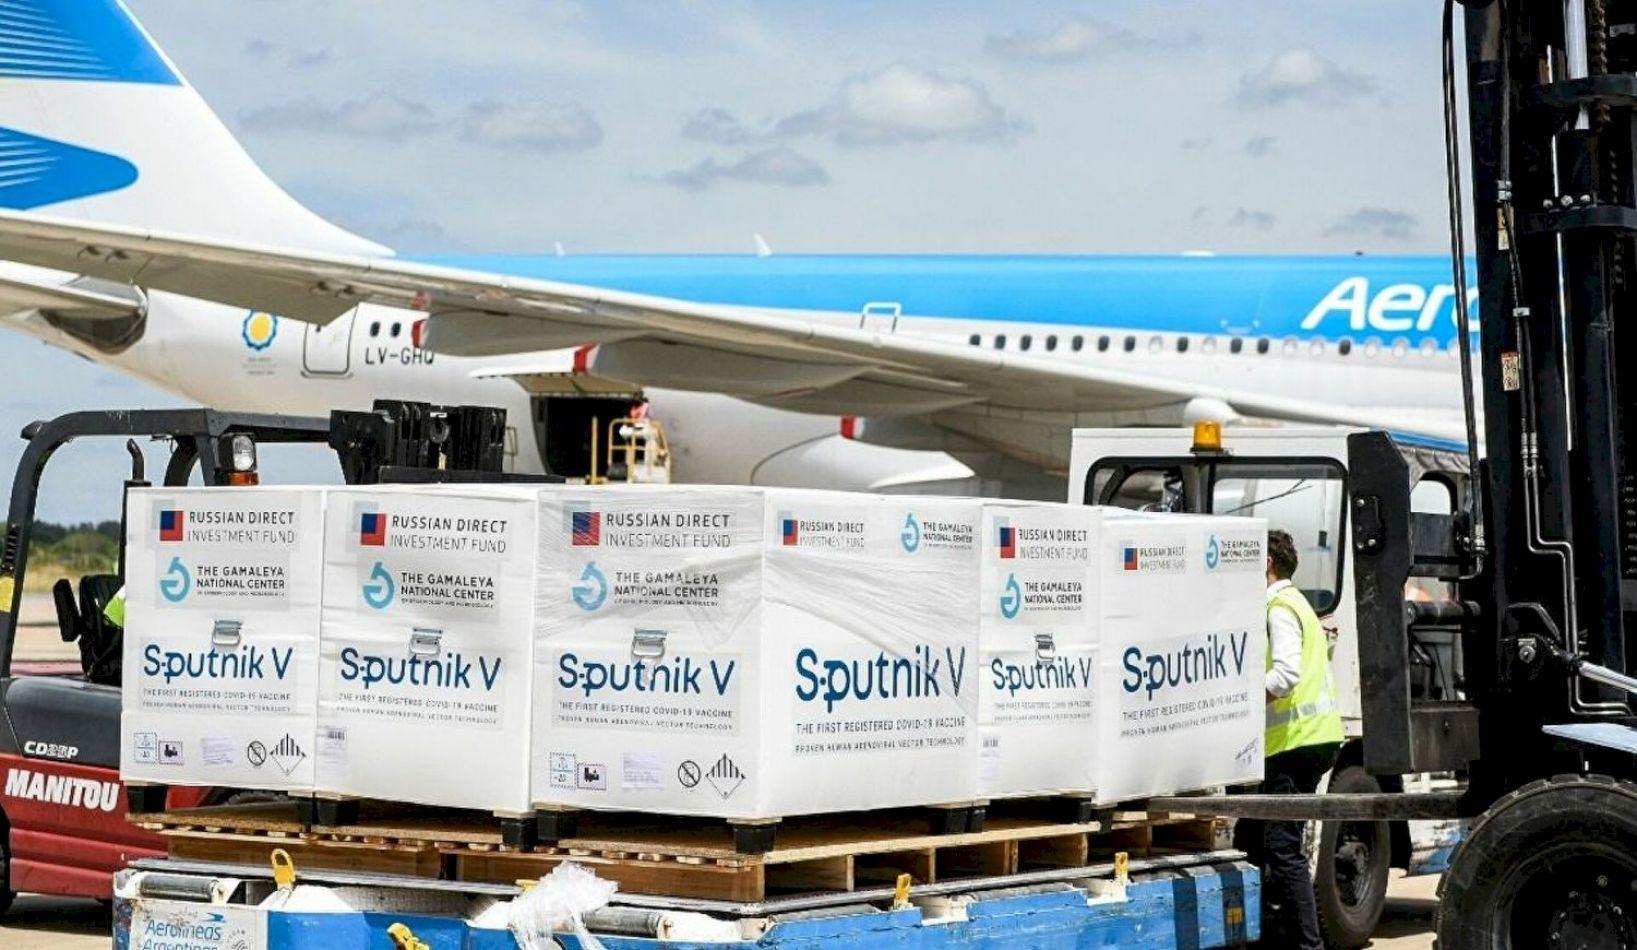 Llegó el avión argentino con el principio activo de la Sputnik V